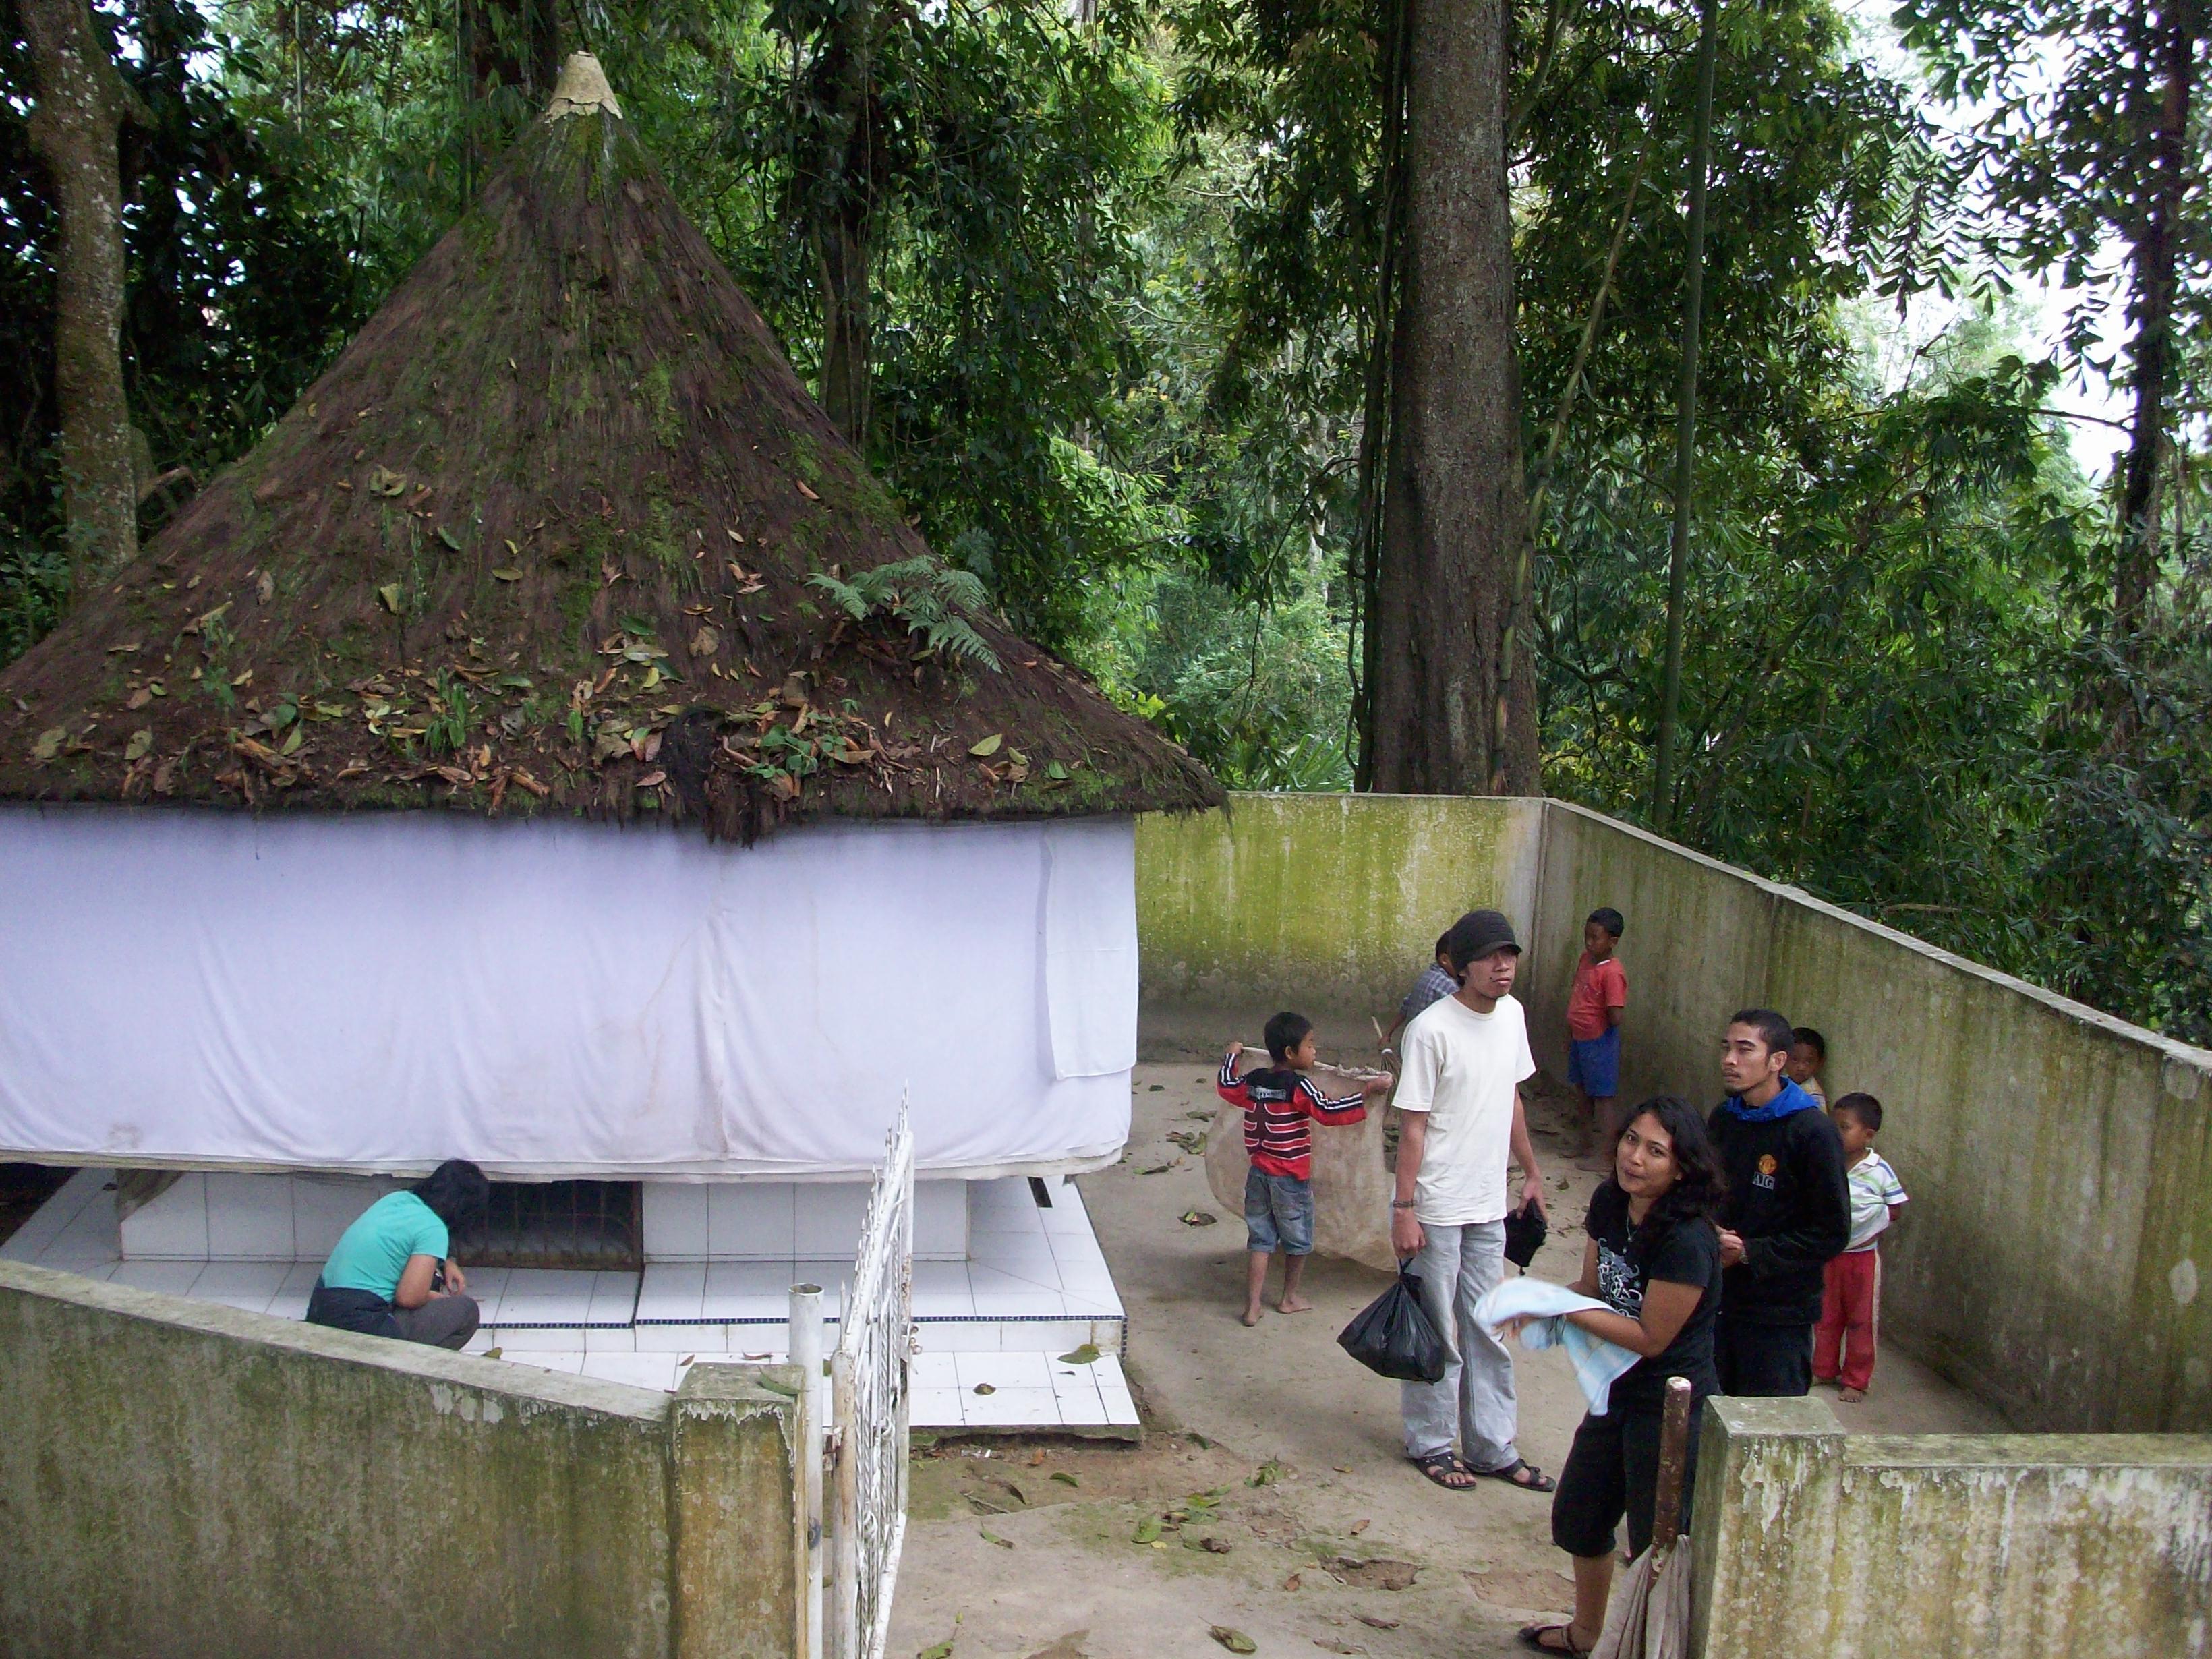 Situs Meriam Puntung Jpg Disakralkan Masyarakat Sekitar Kota Medan